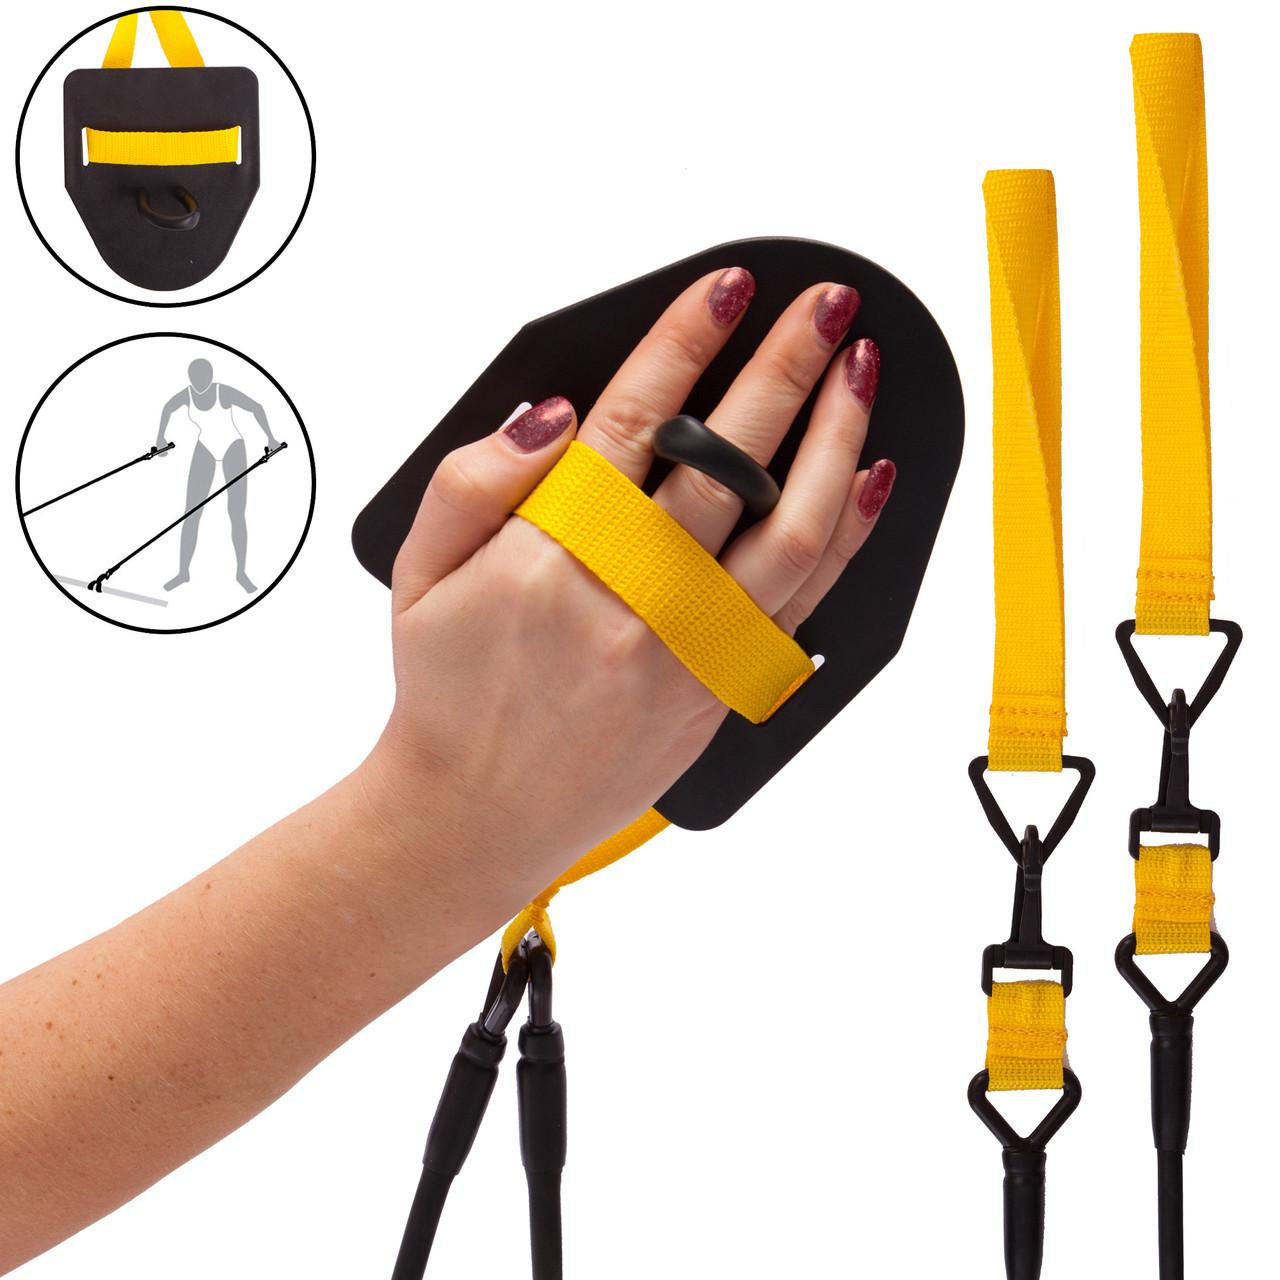 Тренировочная система с лопатками для тренировки гребка BREASTSTROKE SWIMMING EXERCISER (PL,резина,пластик,нагрузка LIGHT)